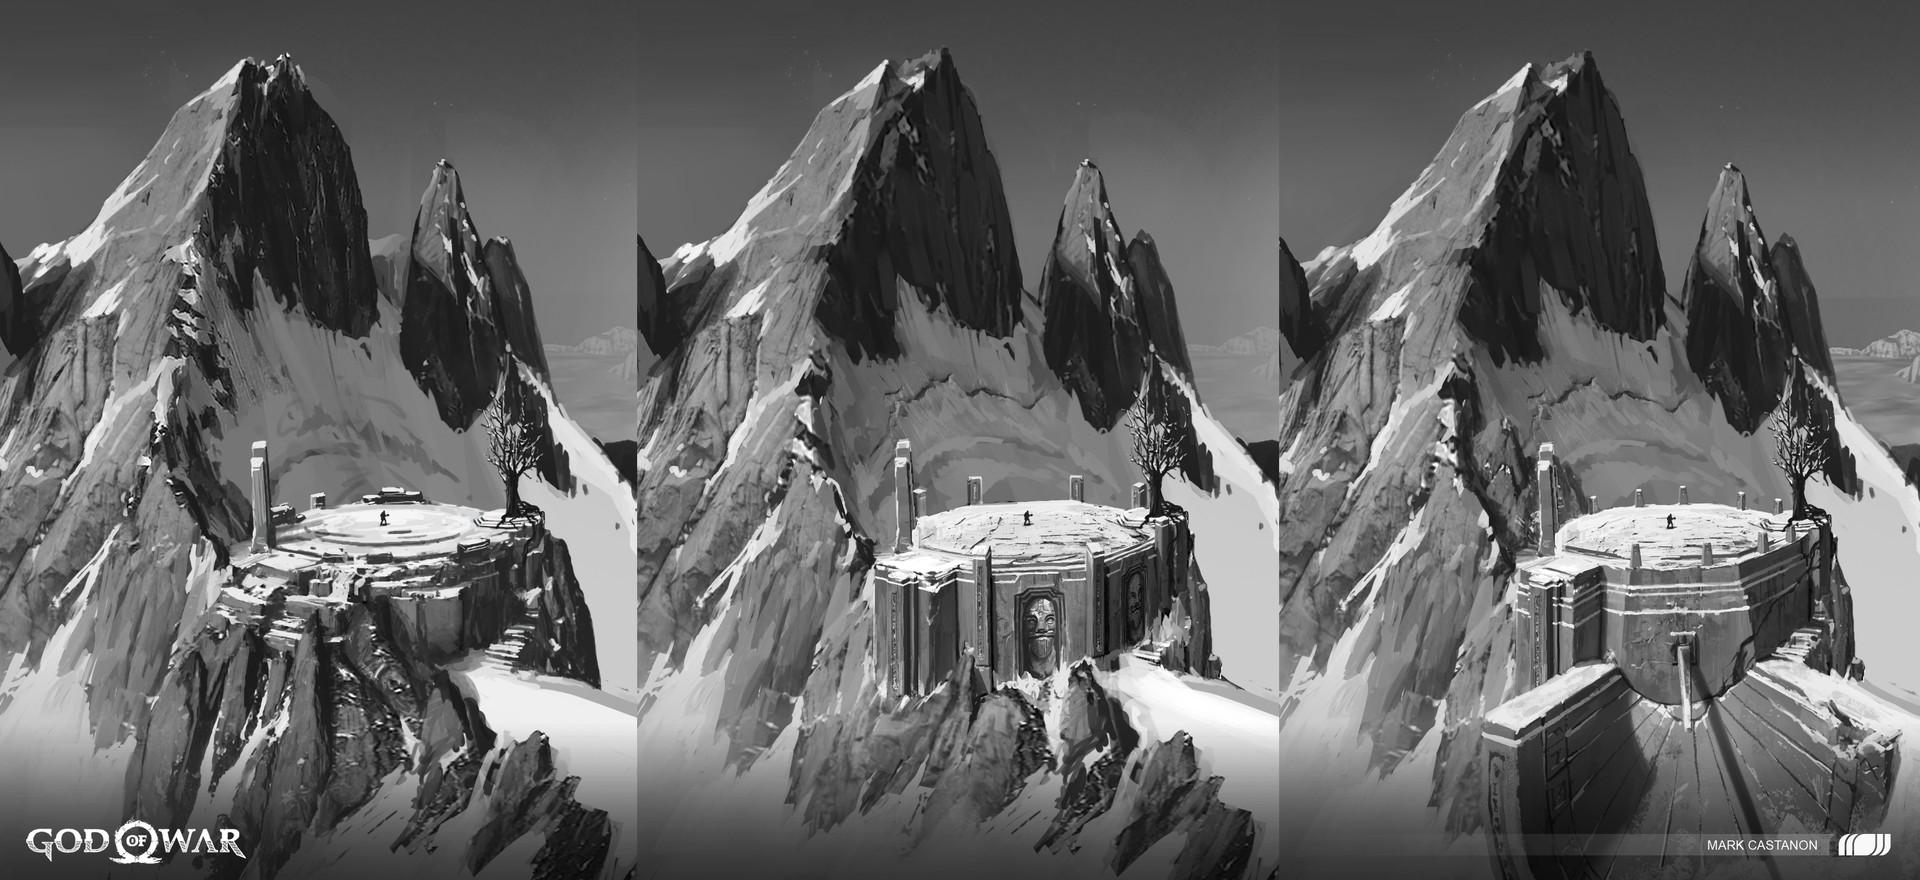 mark-castanon-peakspass-summit-sketches-mc-02-001.jpg